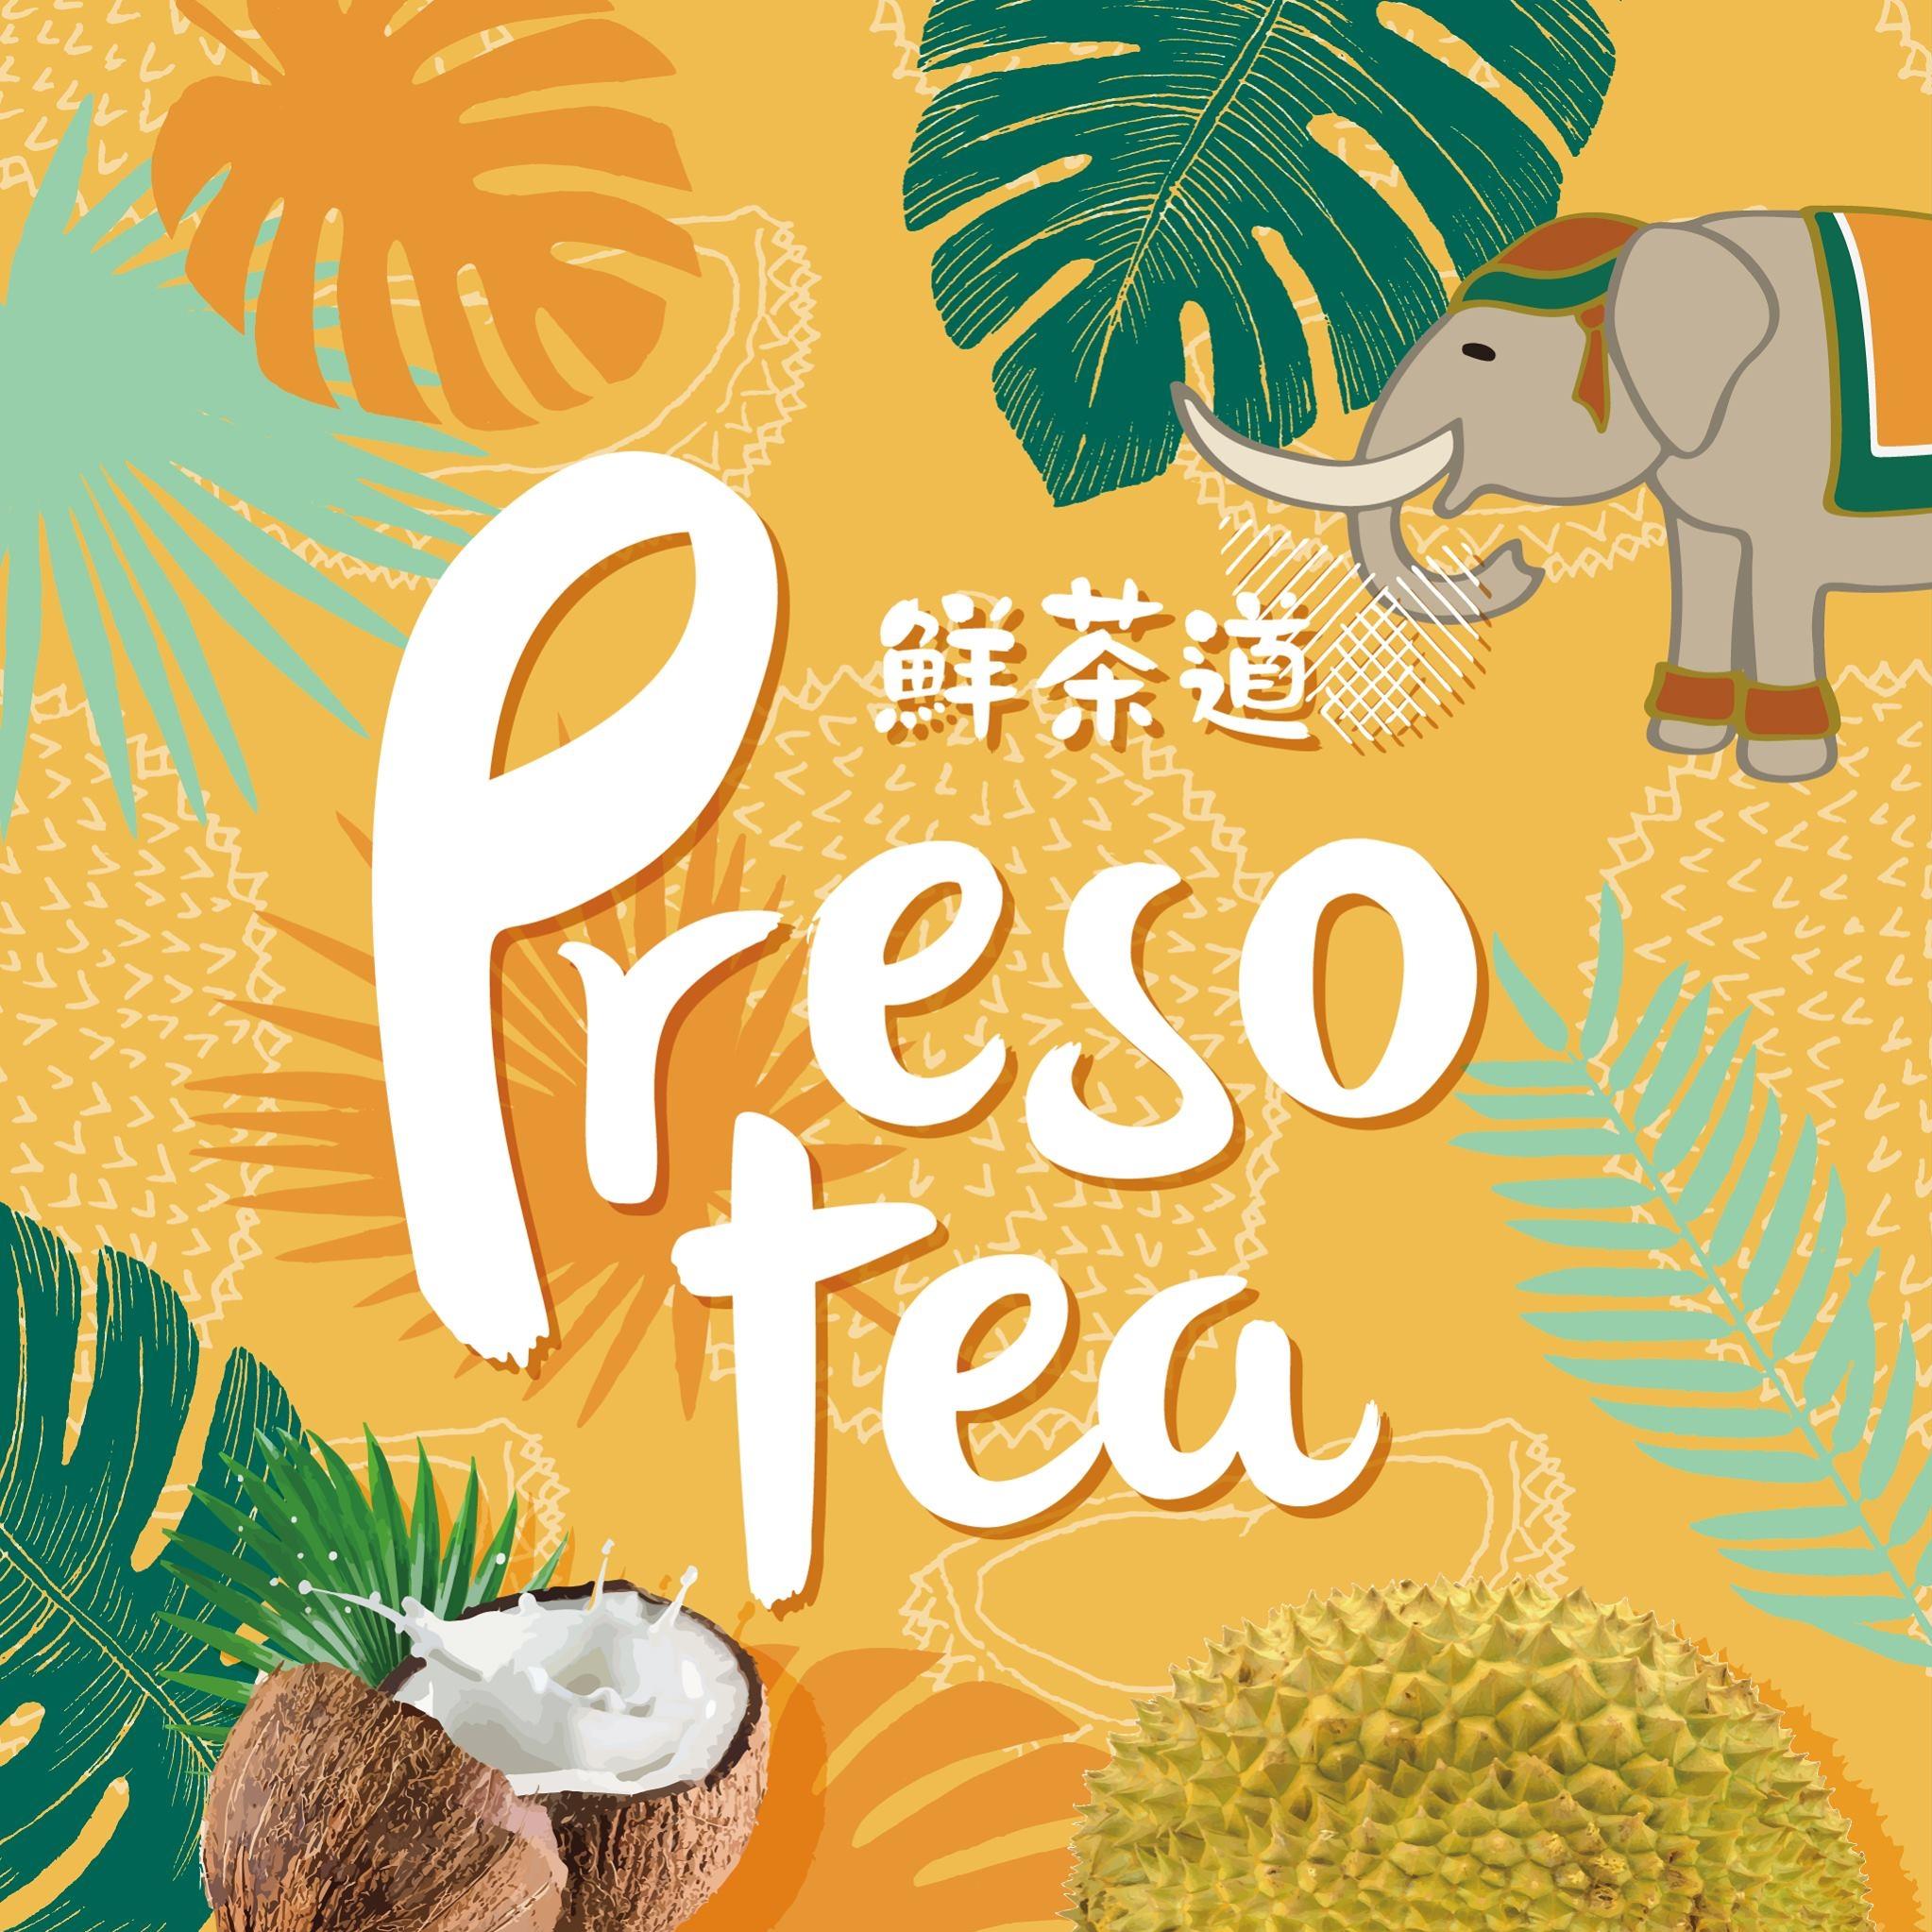 【菜單】鮮茶道菜單|鮮茶道2021年價目表|分店據點|鮮茶道(6月更新)